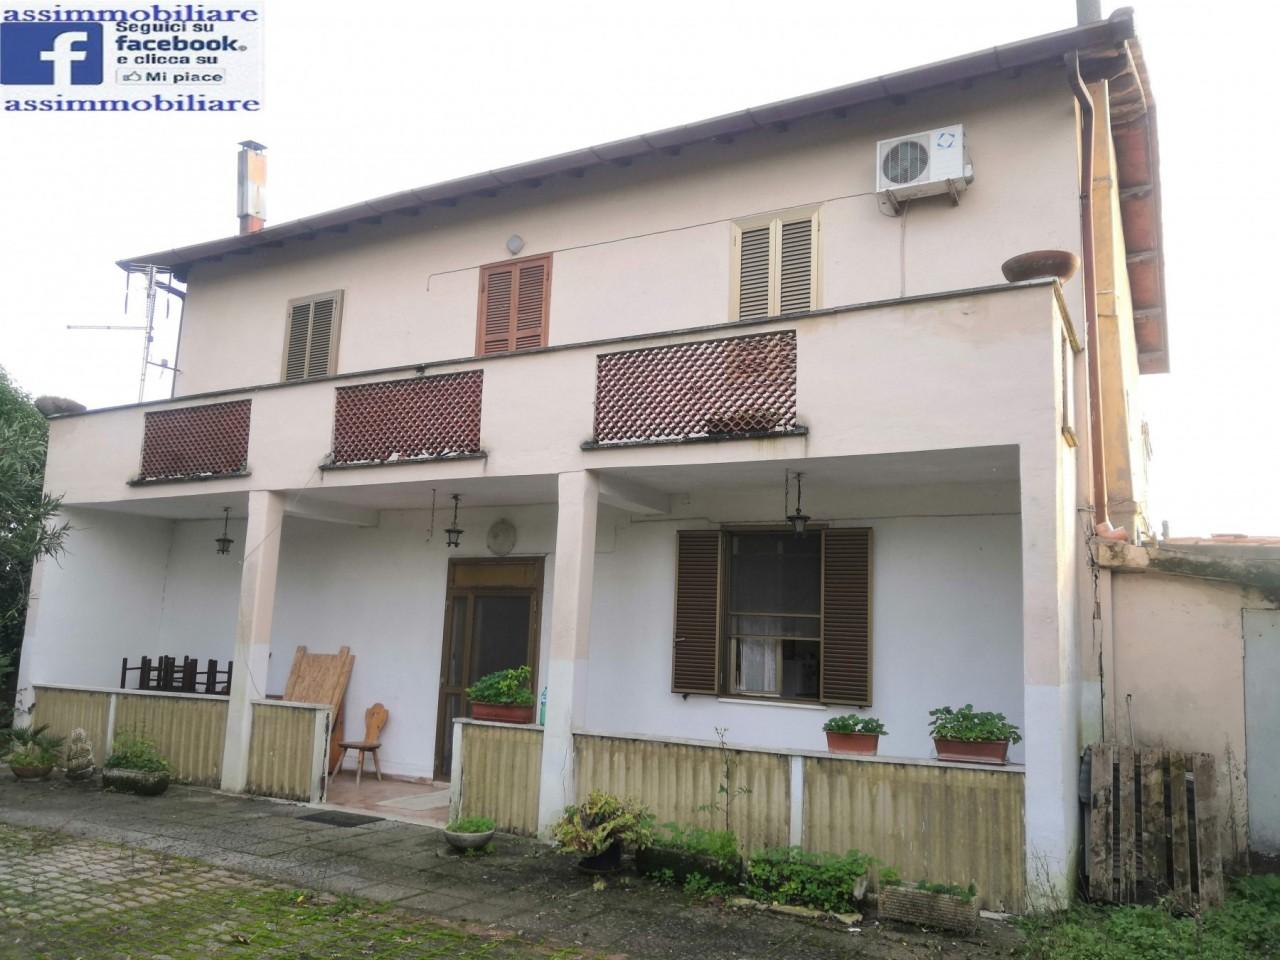 Villa in vendita a Cisterna di Latina, 9999 locali, prezzo € 129.000   CambioCasa.it